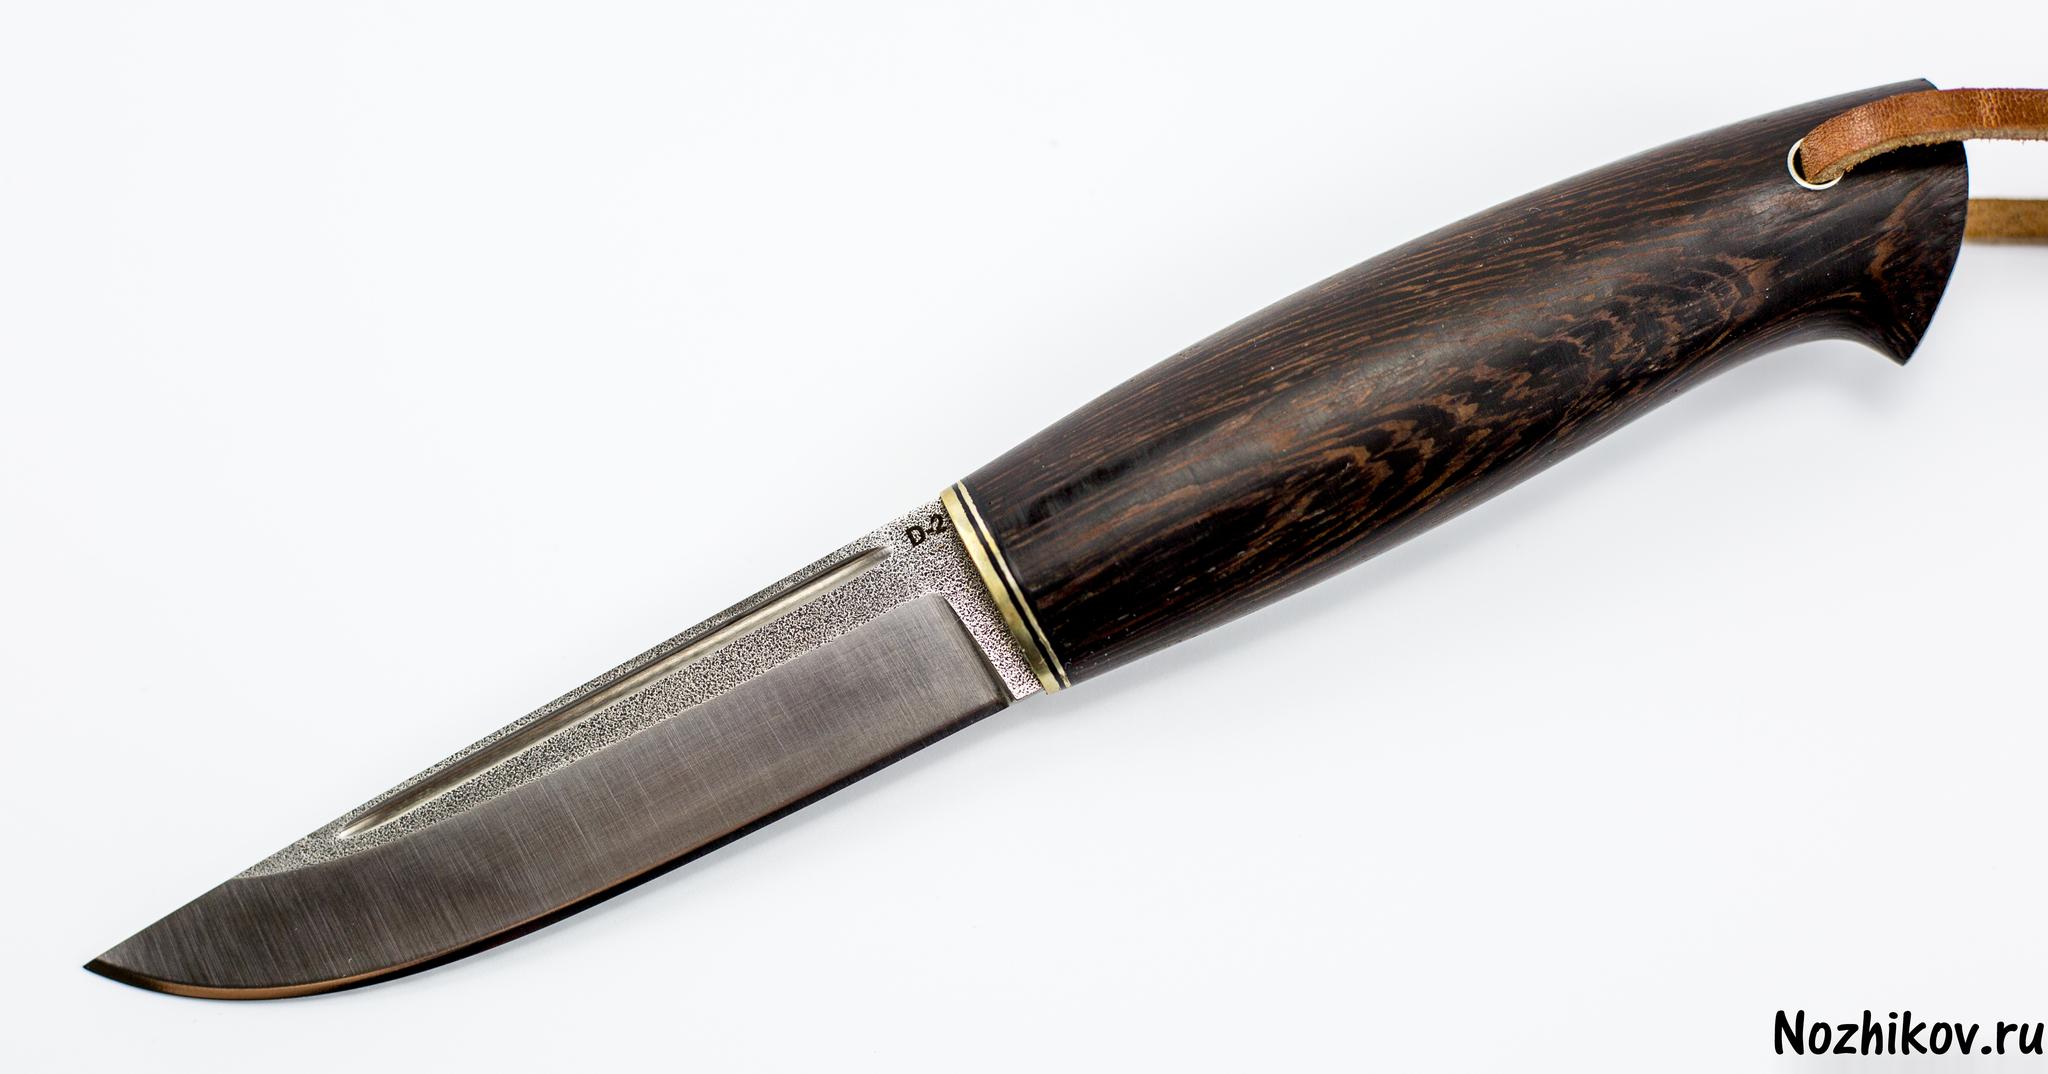 Нож Барбус, сталь D2, венге